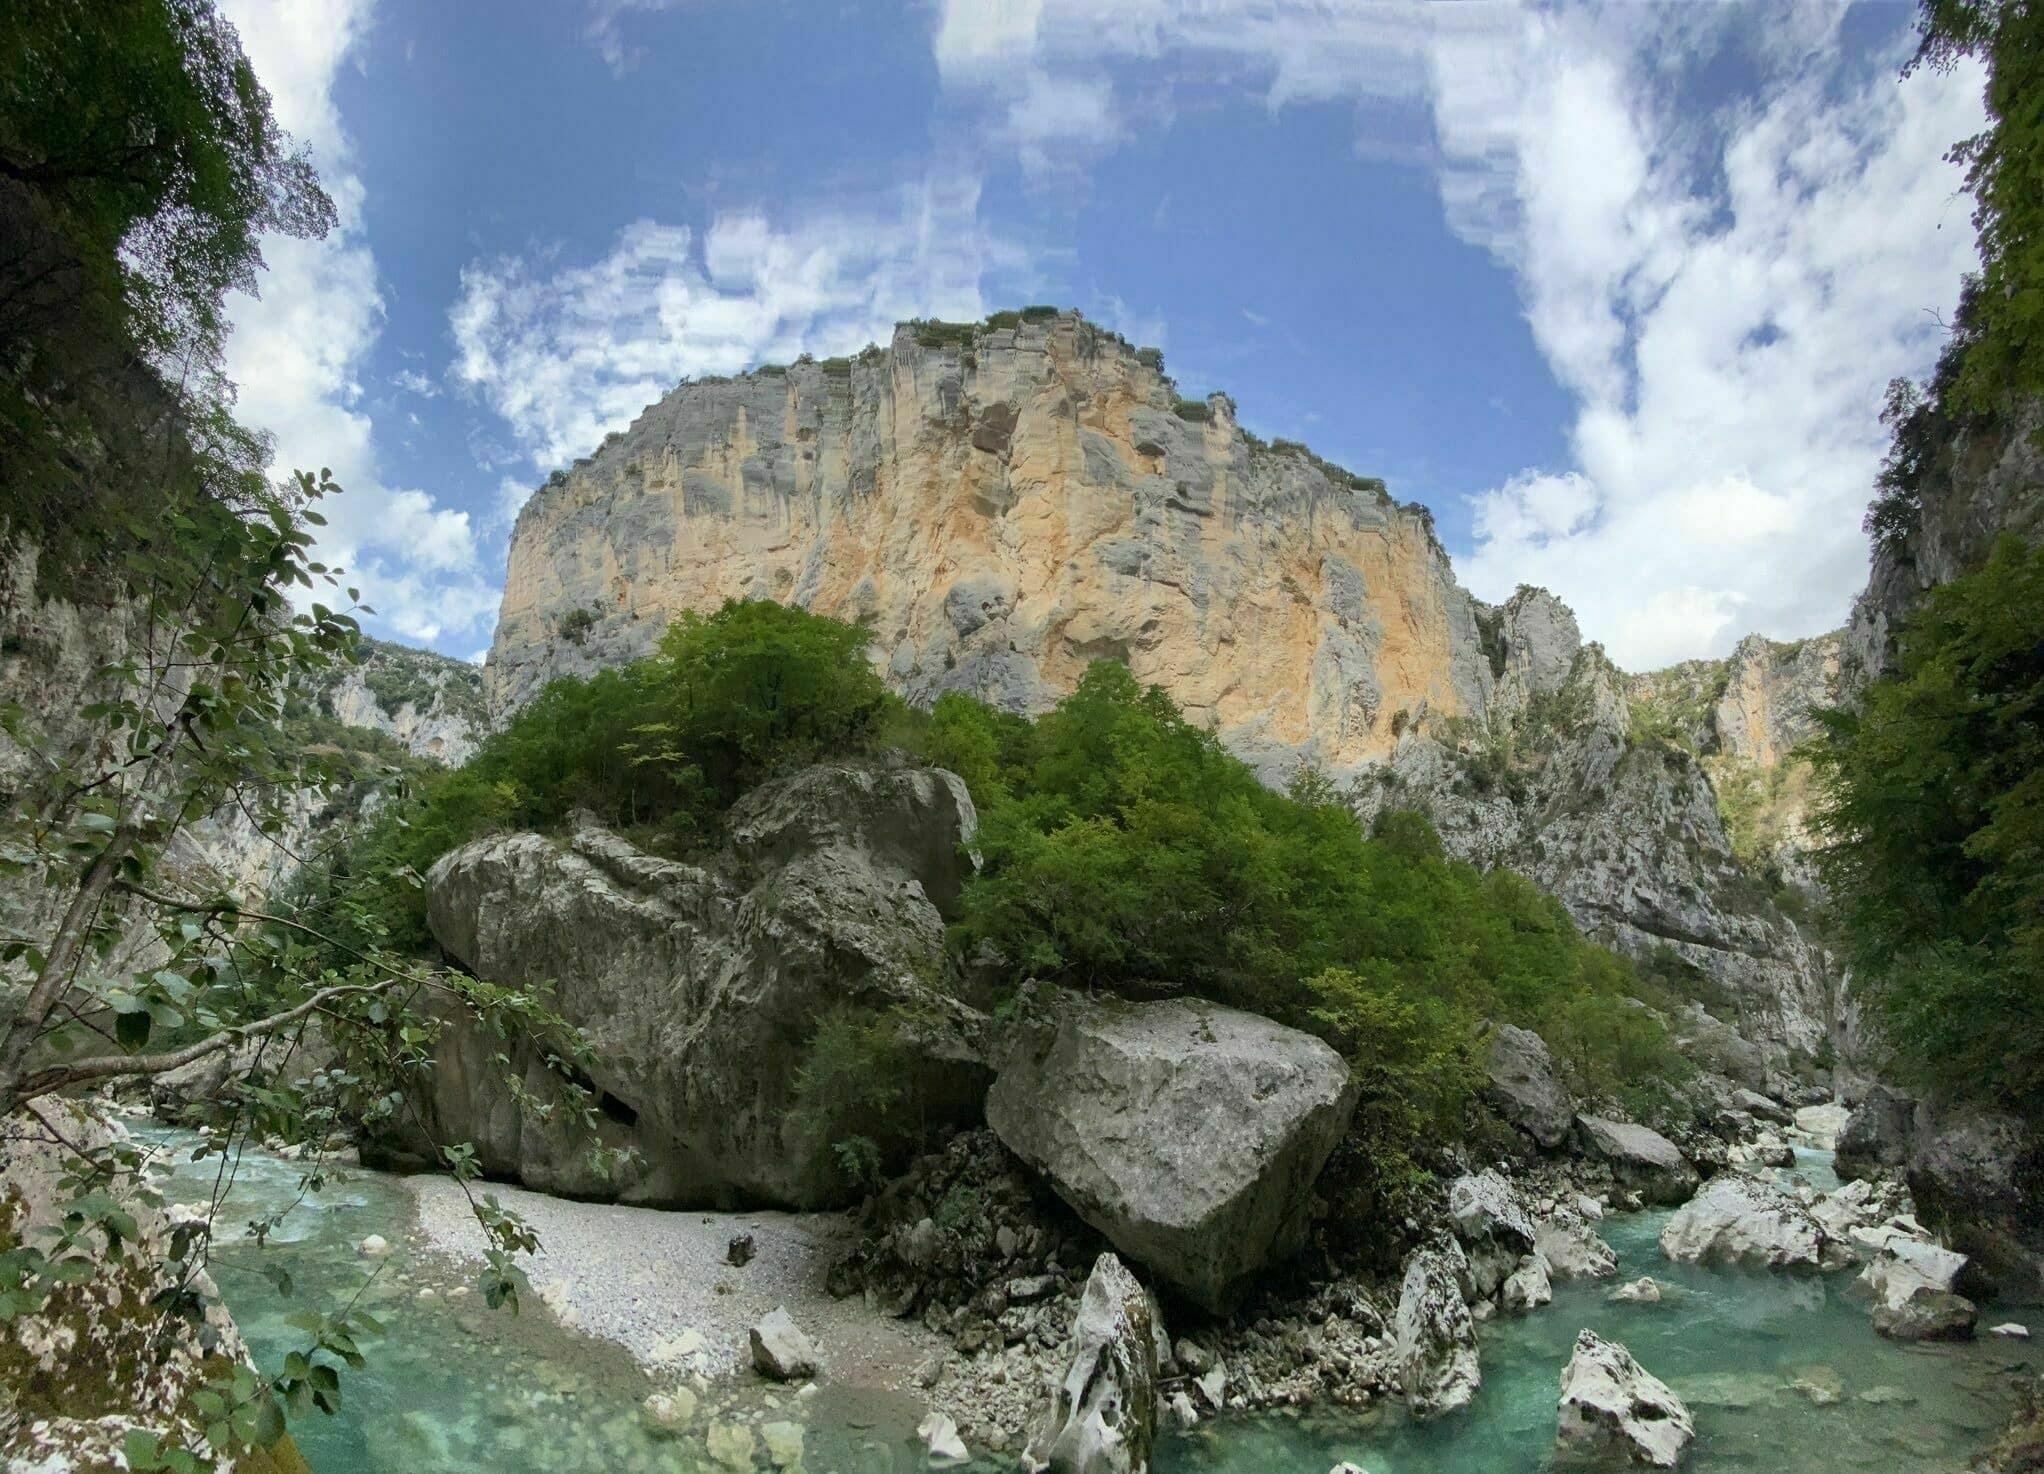 Randonnée Gorges du Verdon : Le sentier de l'Imbut